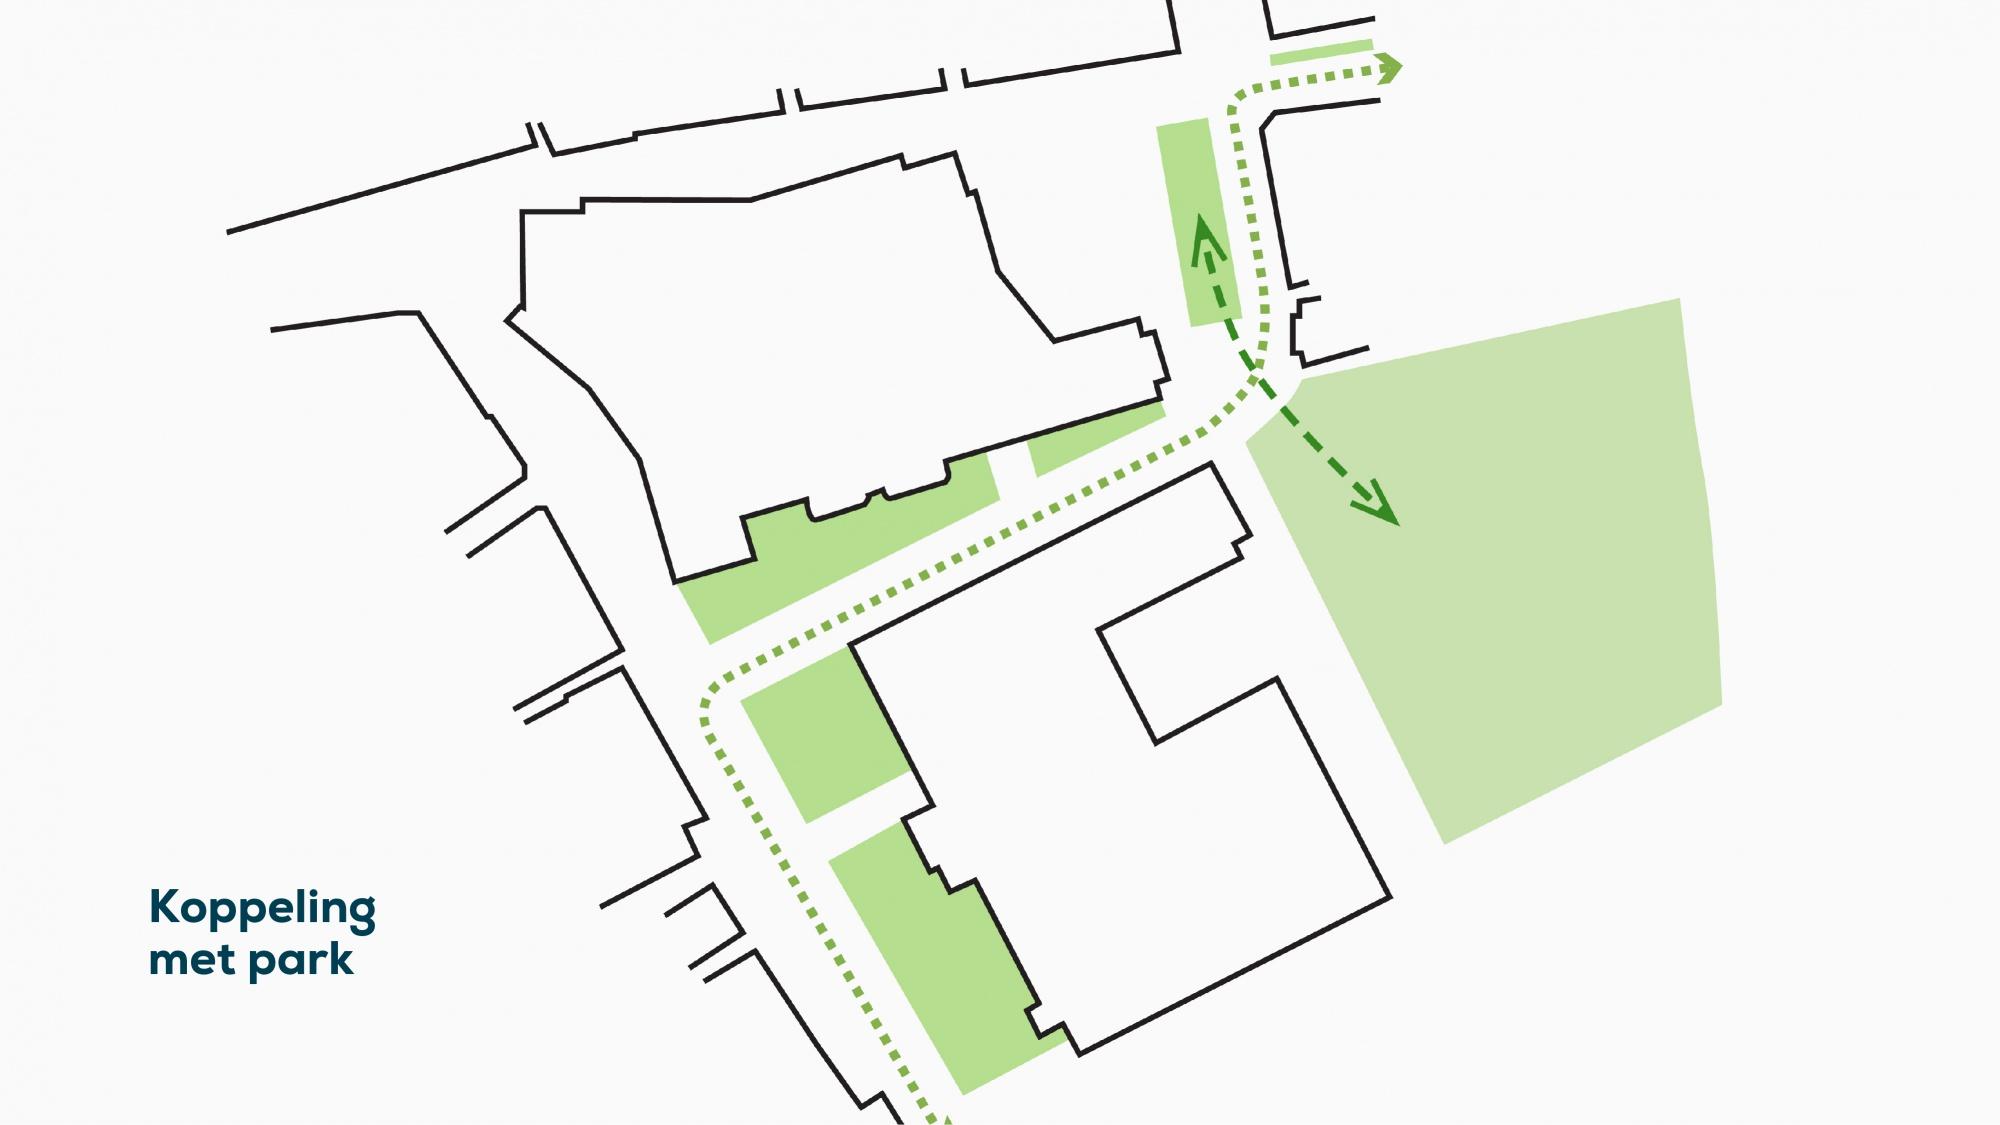 plattegrond 4 koppeling met park